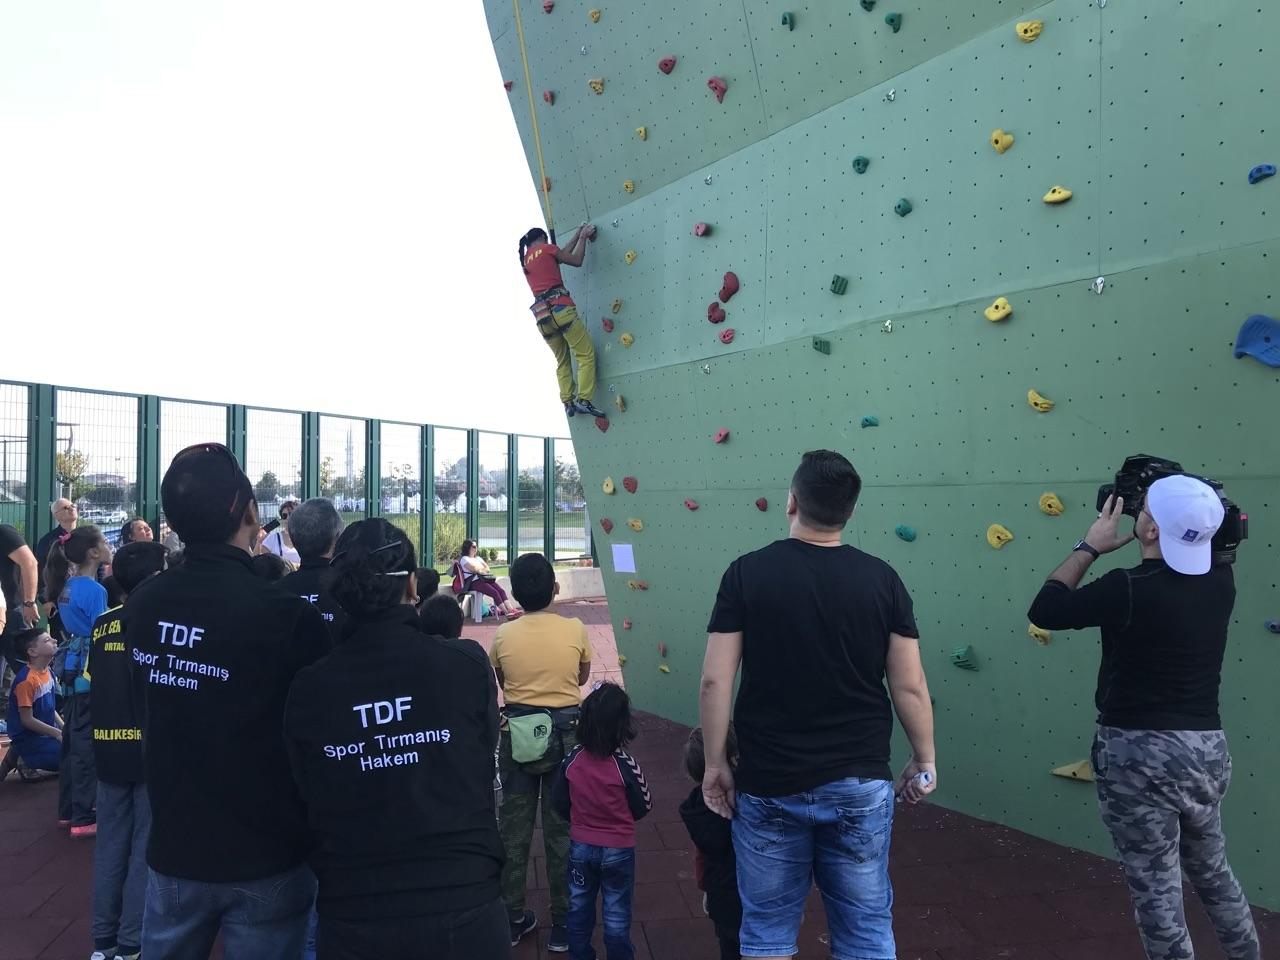 Spor Tırmanış Temel Seviye Eğitimi - Kütahya Katılımcı Listesi